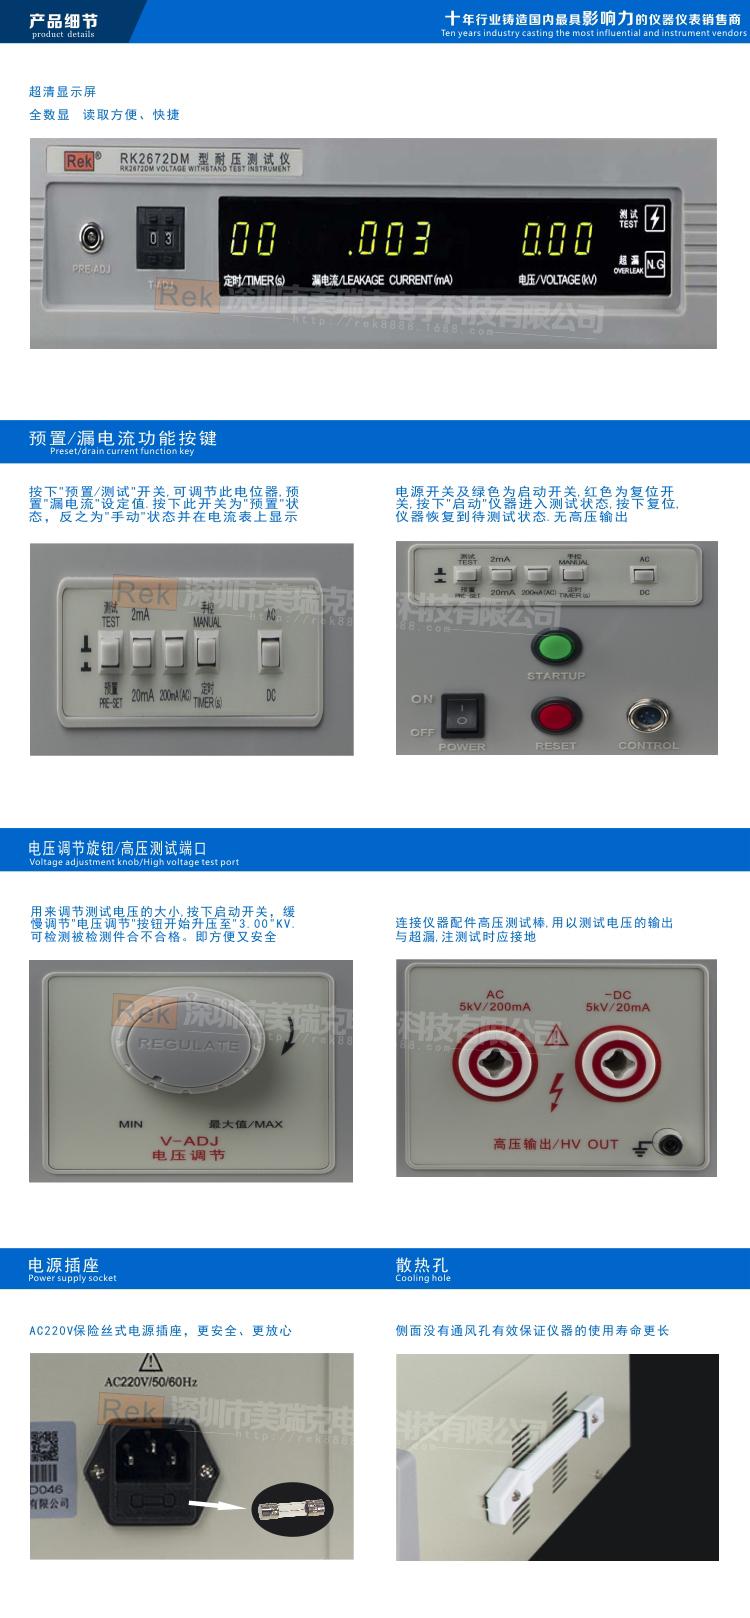 rek美瑞克数显交直流耐压测试仪 rk2672dm 200ma泄漏电流